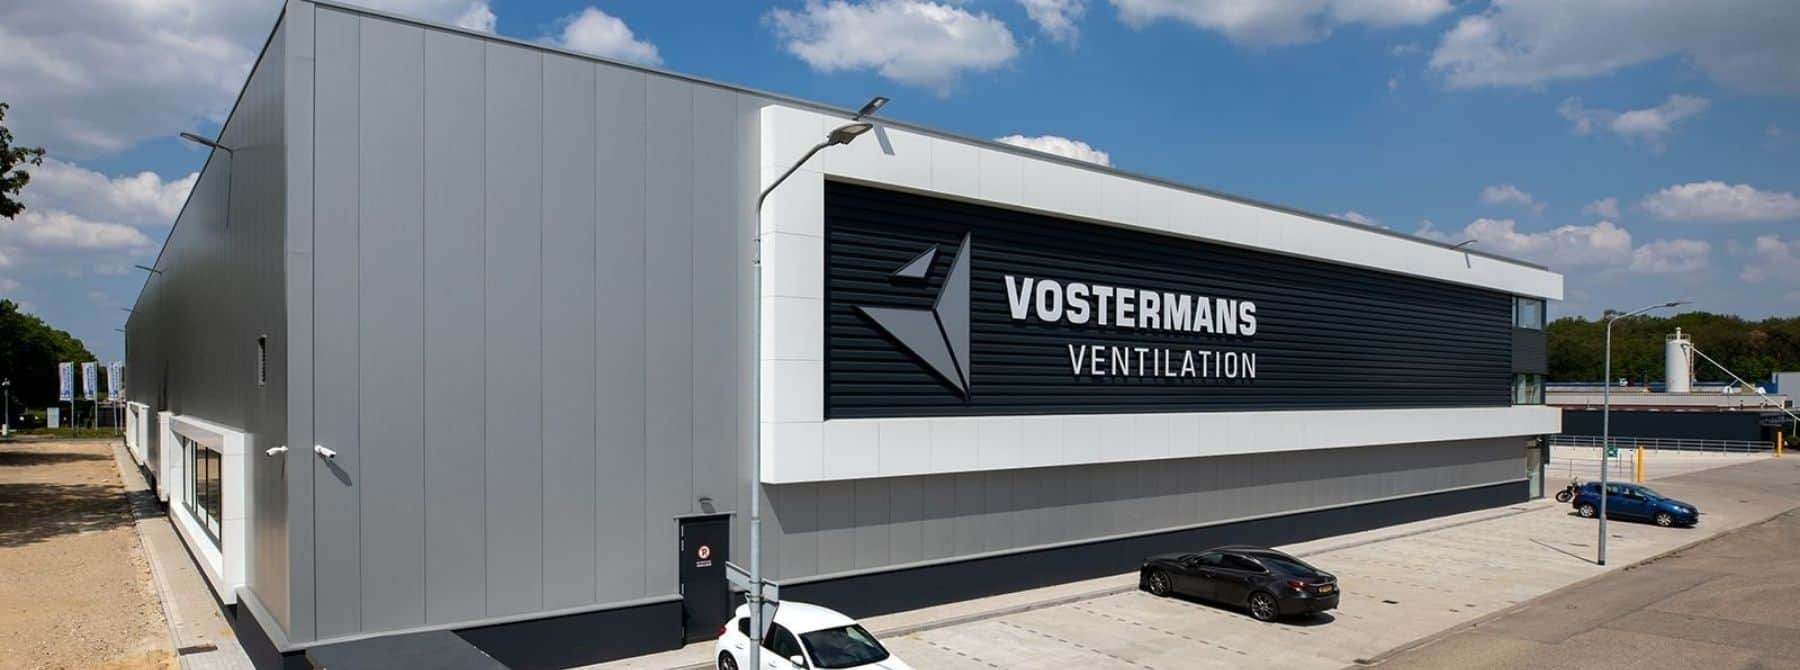 Vostermans8